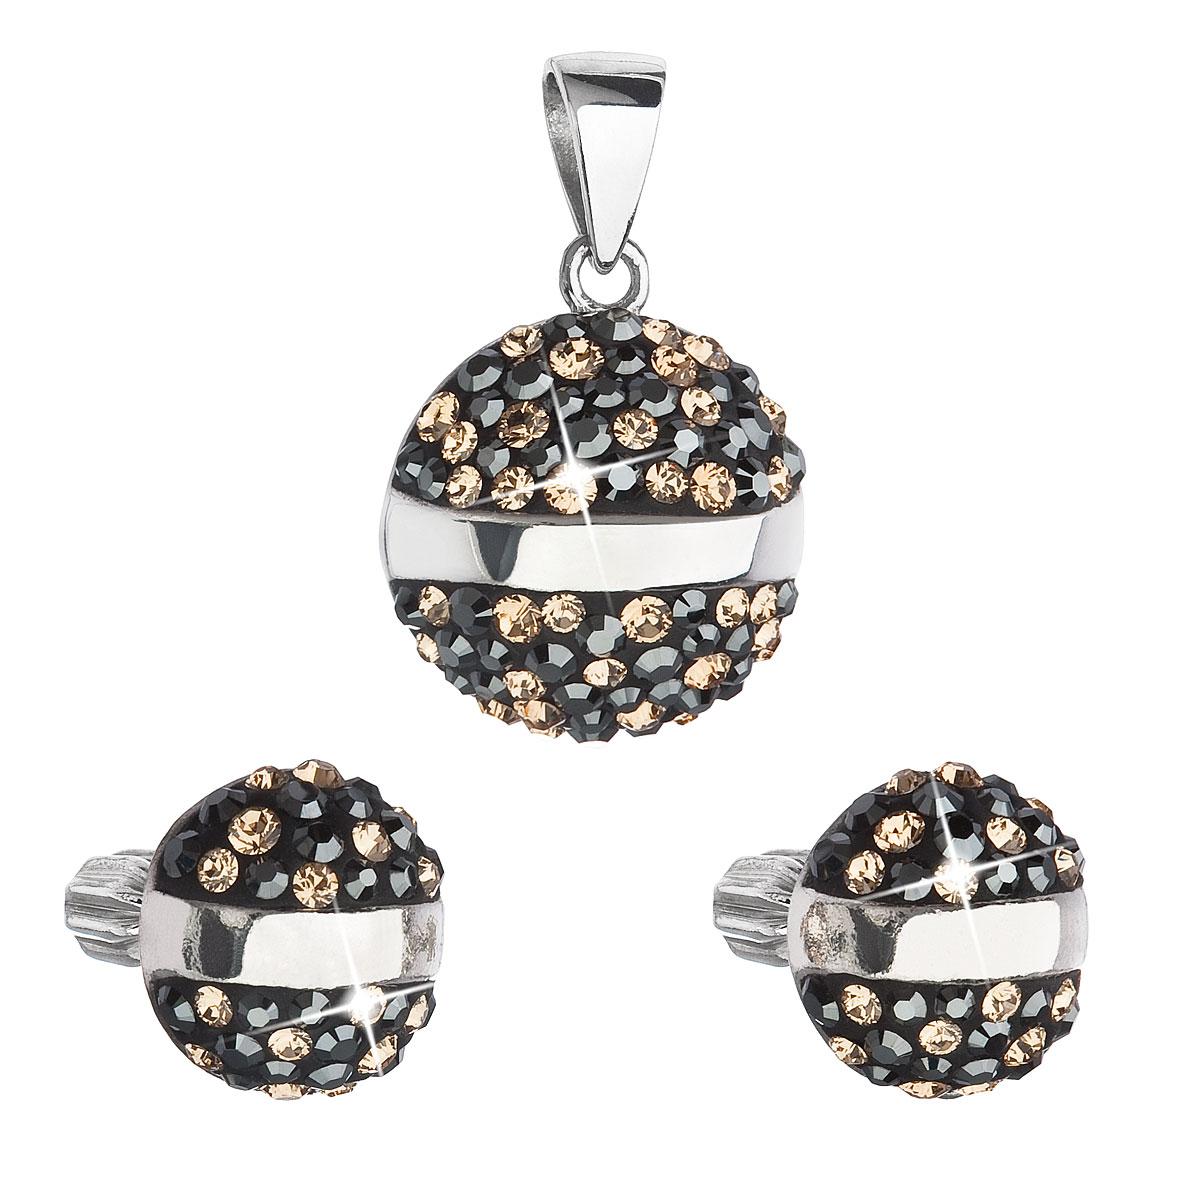 Evolution Group Sada šperků s krystaly Swarovski náušnice a přívěsek mix barev černá hnědá zlatá kulaté 39157.4, dárkové balení